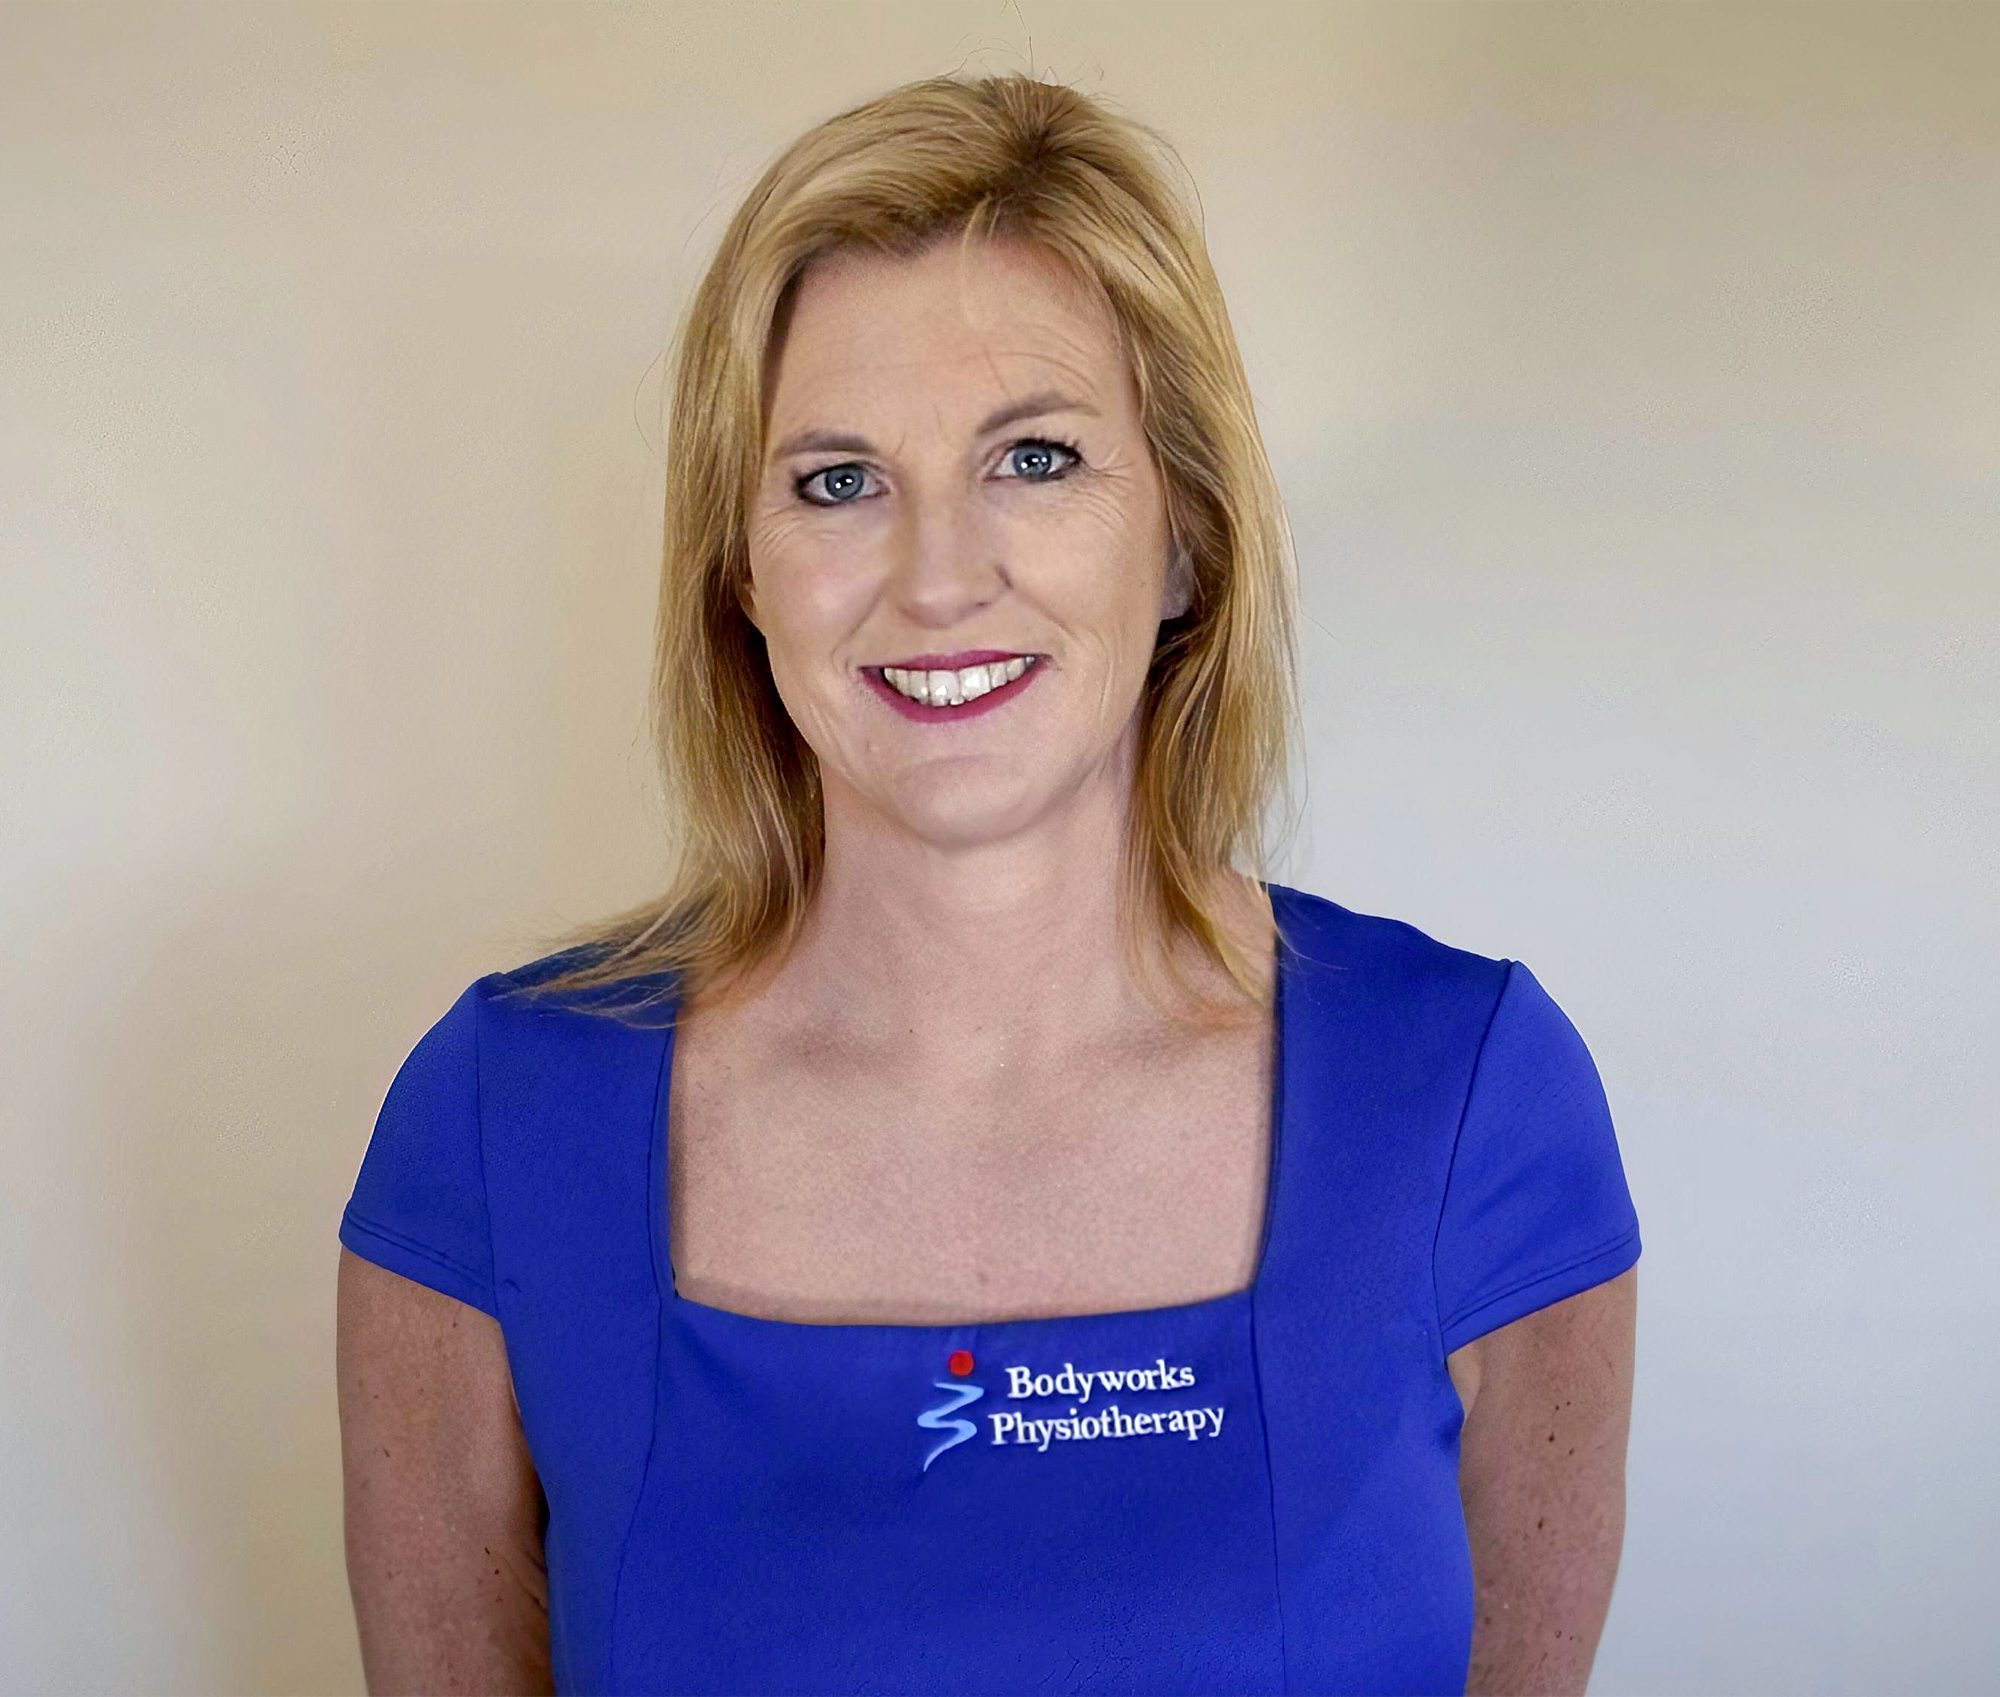 Natalie-Perkins-Physiotherapist